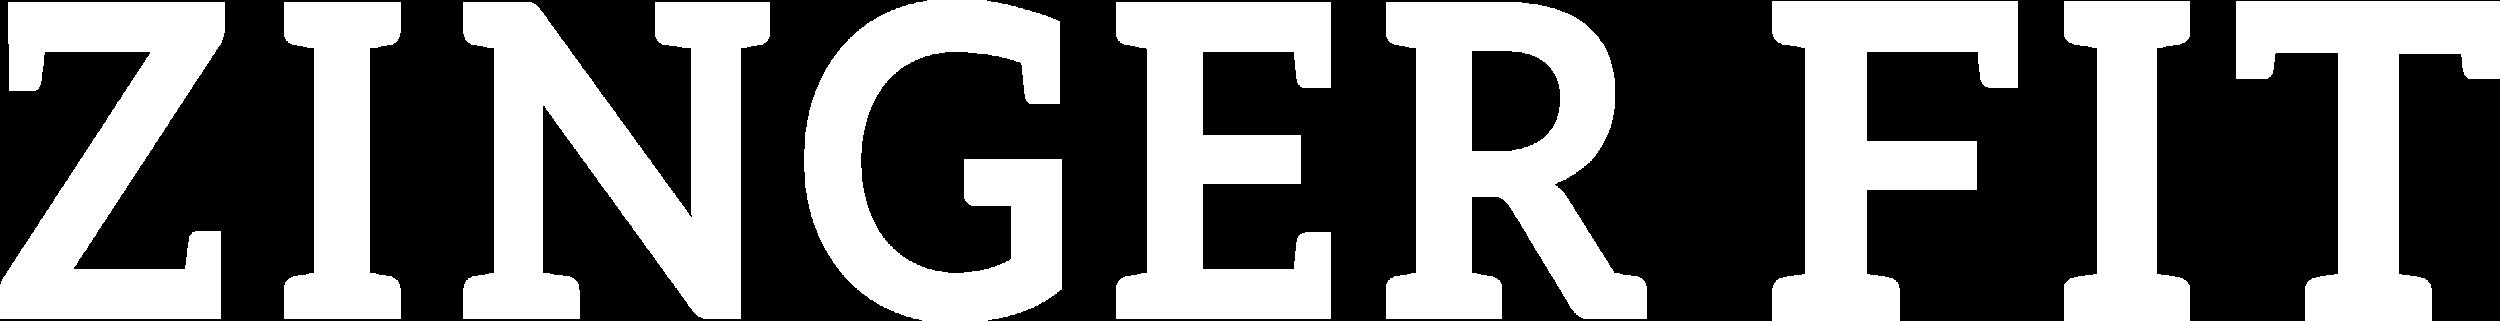 zingfit-wordmark2@3x-8.png